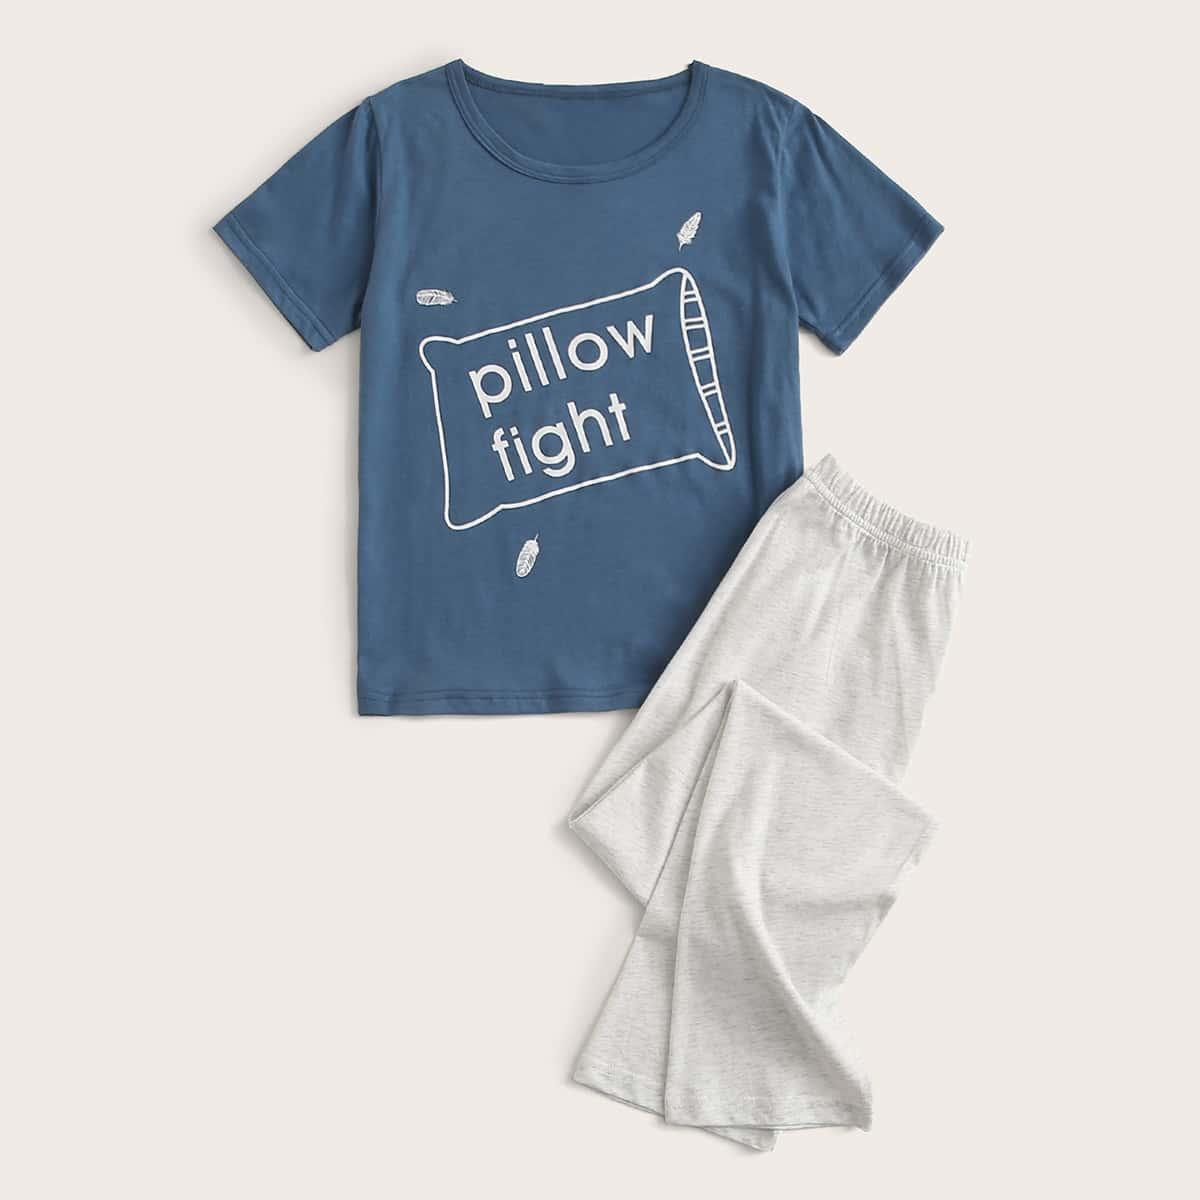 Брюки и футболка с текстовым принтом для мальчиков от SHEIN